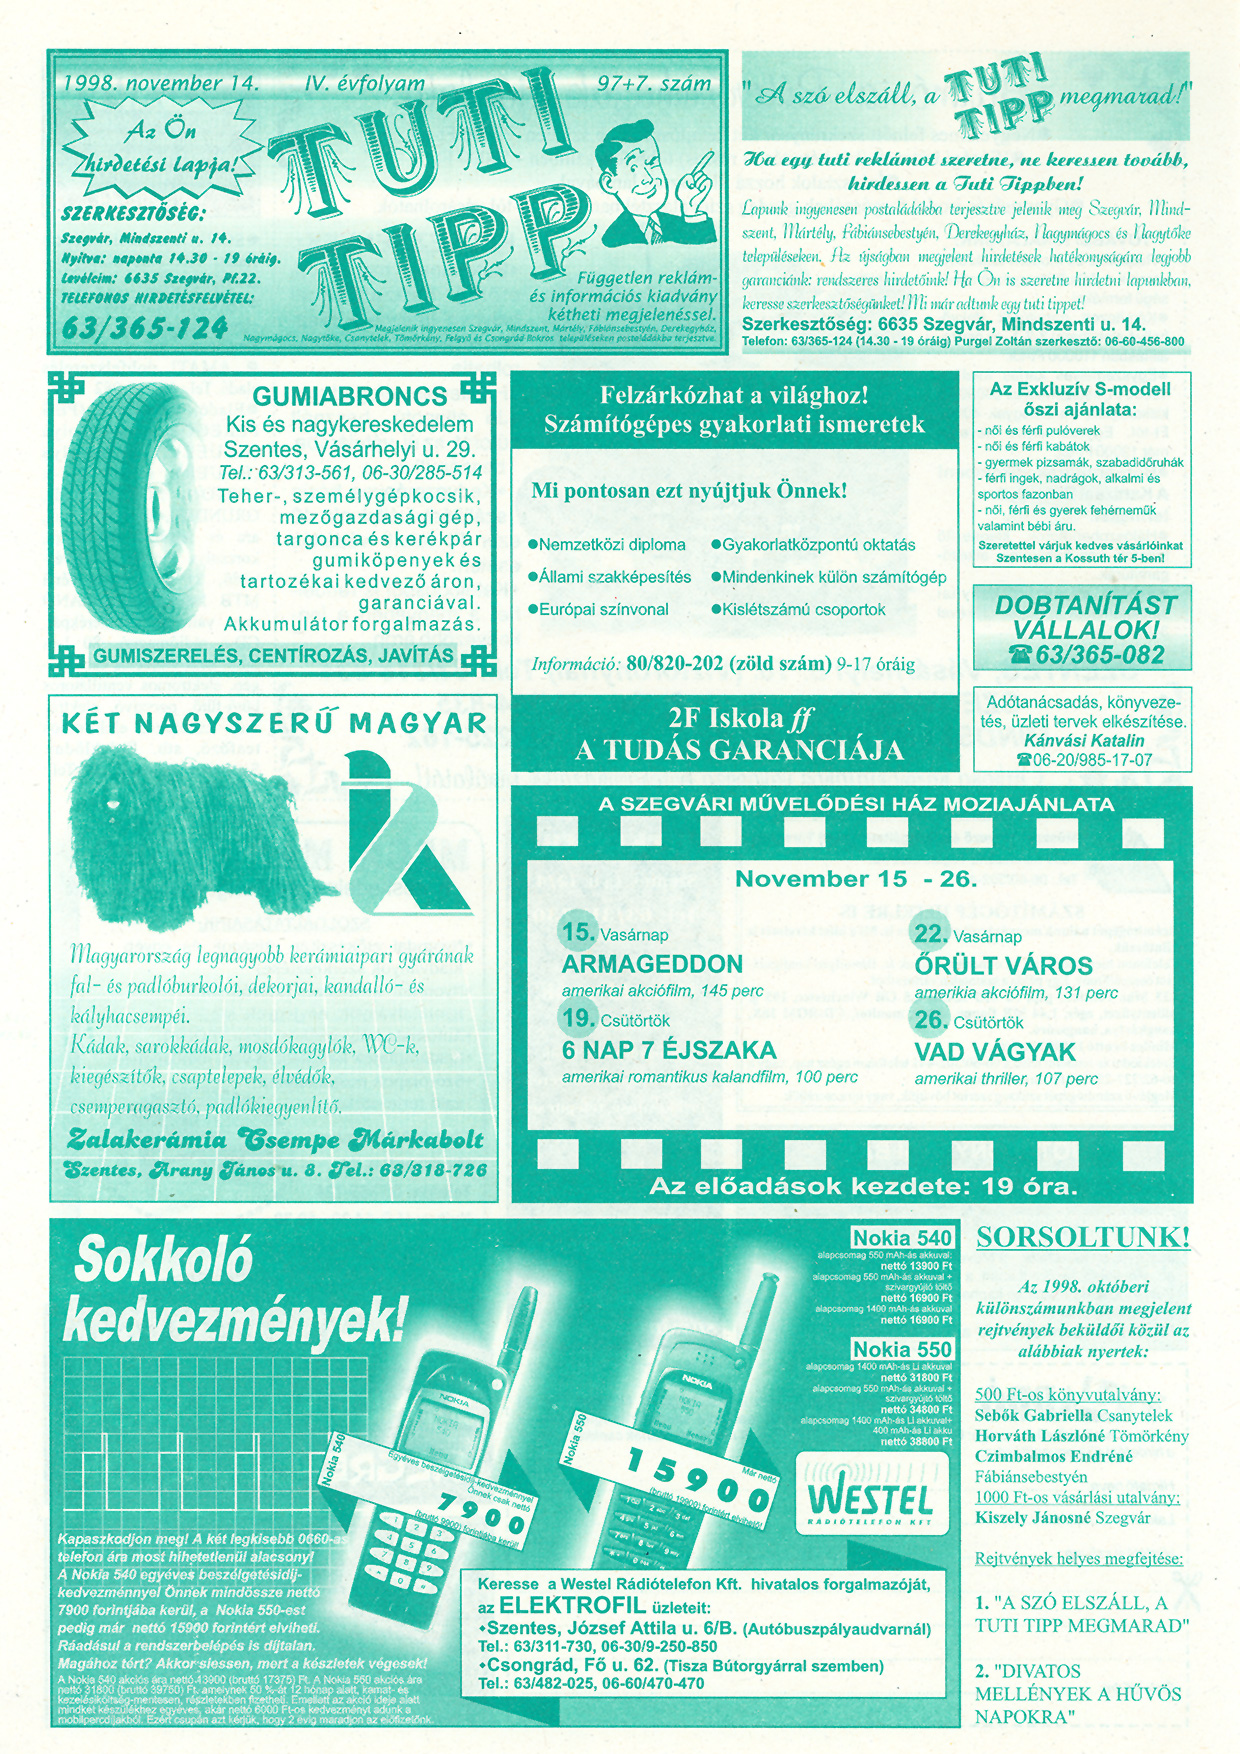 053 Tuti Tipp reklámújság - 19981114-097+007. lapszám - 1.oldal - IV. évfolyam.jpg